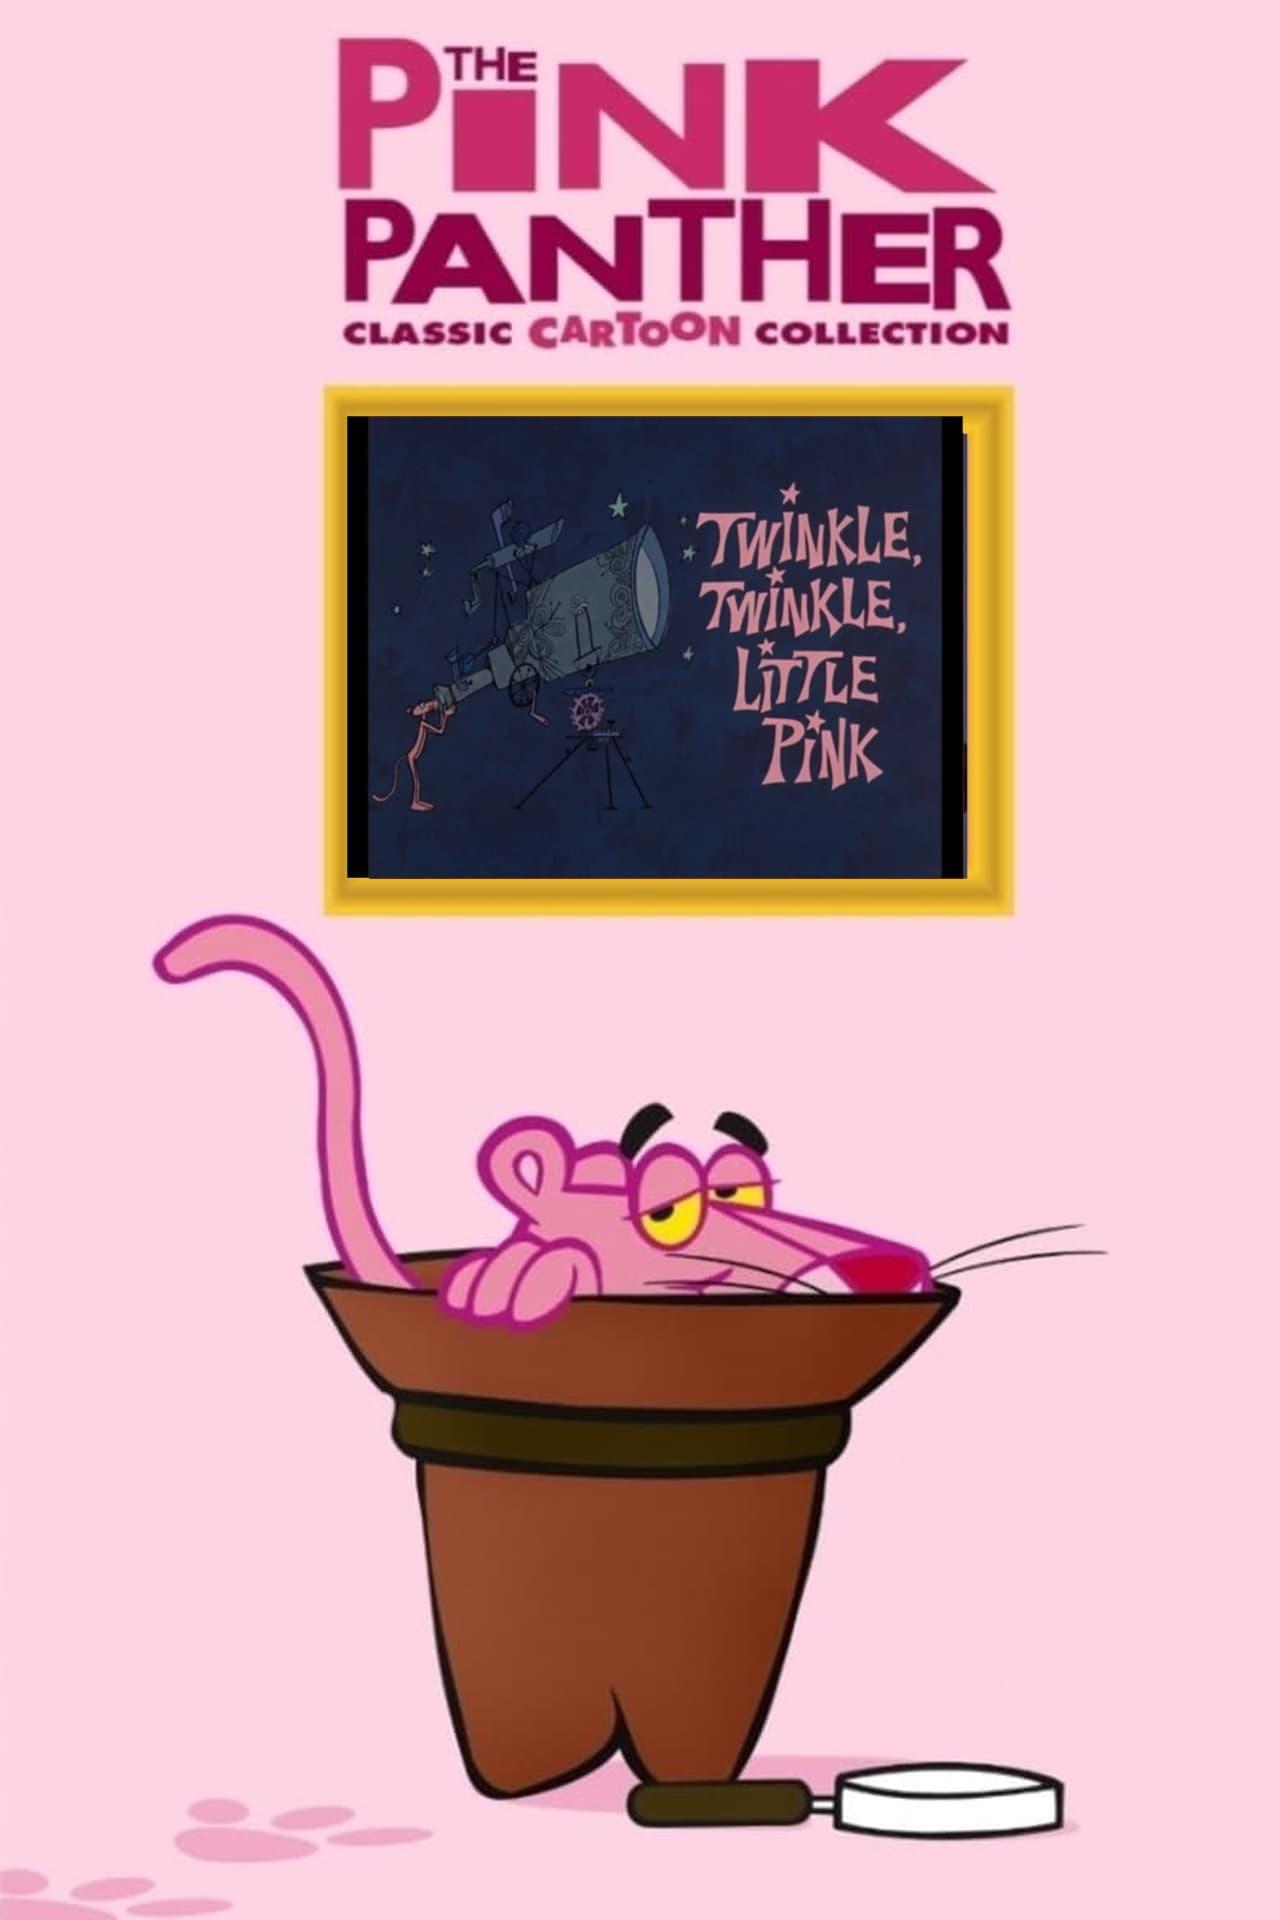 Twinkle, Twinkle, Little Pink